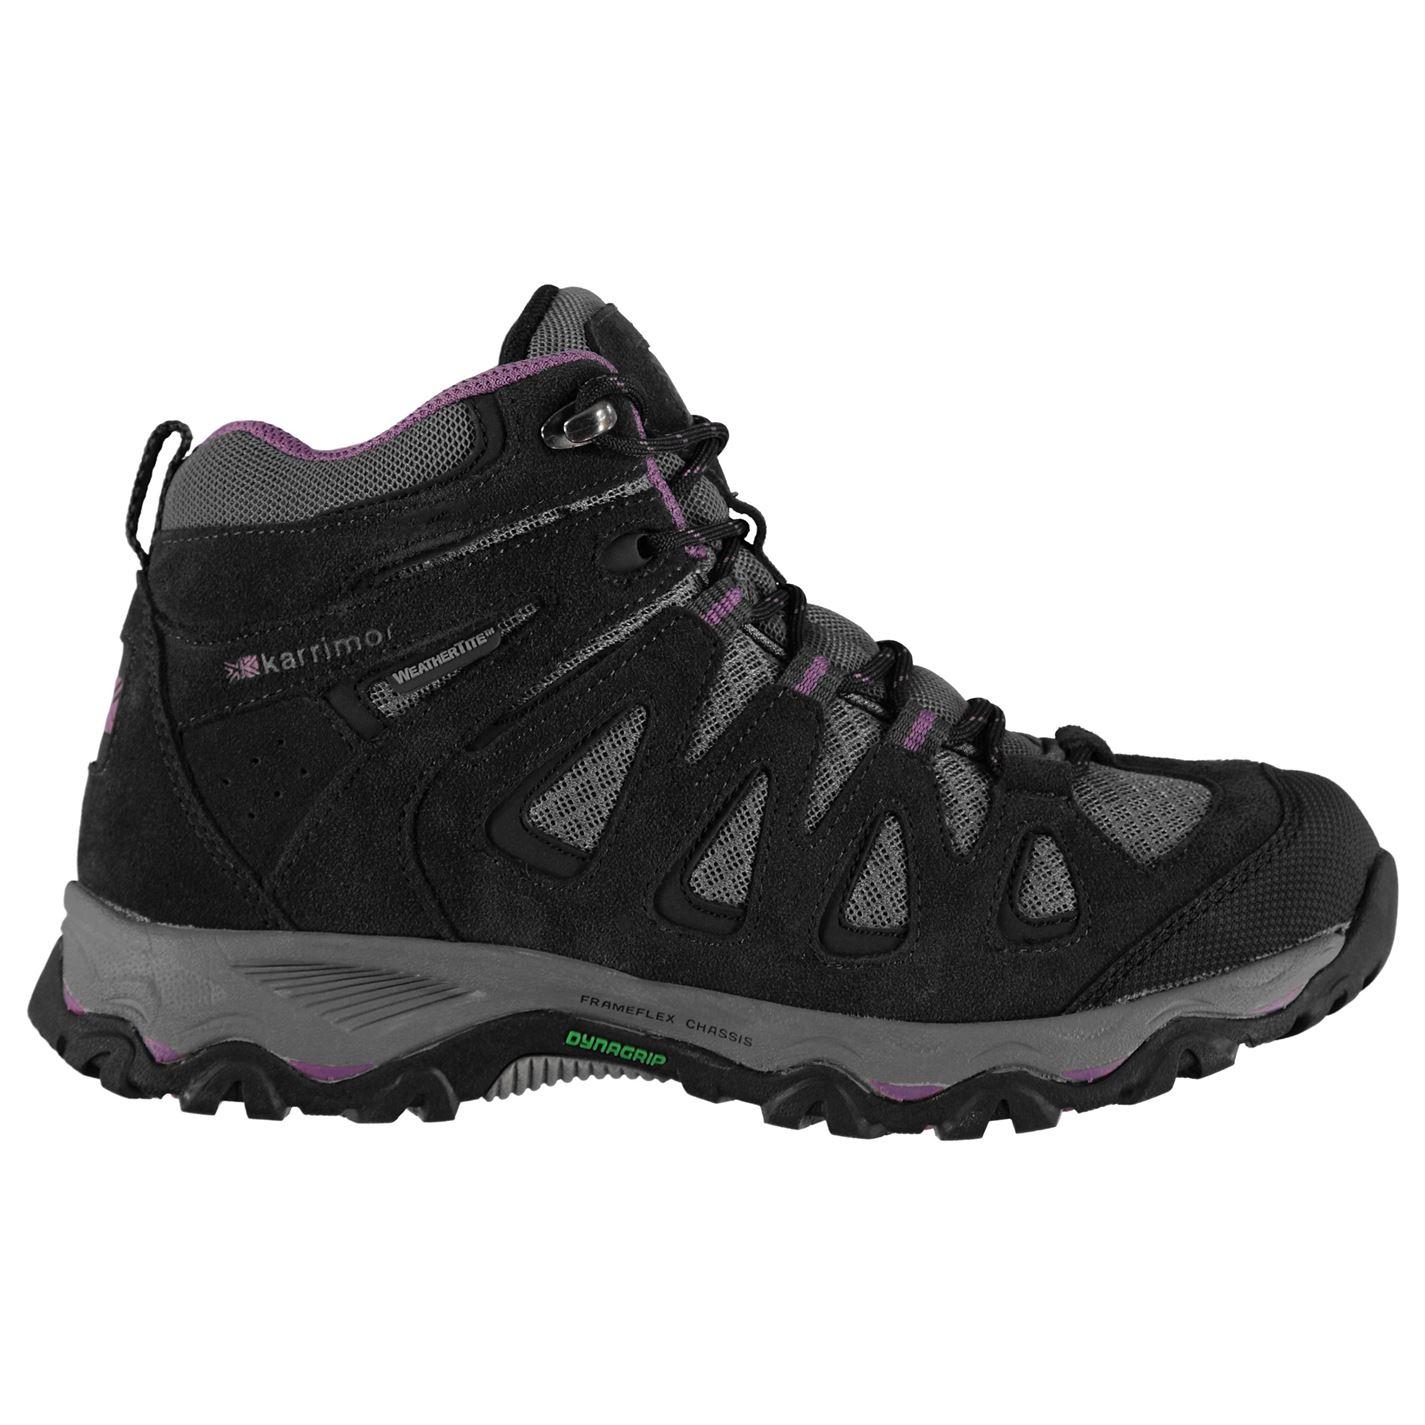 1f44d7bd0edd0 Karrimor Thorpe Mid Ladies Walking Boots